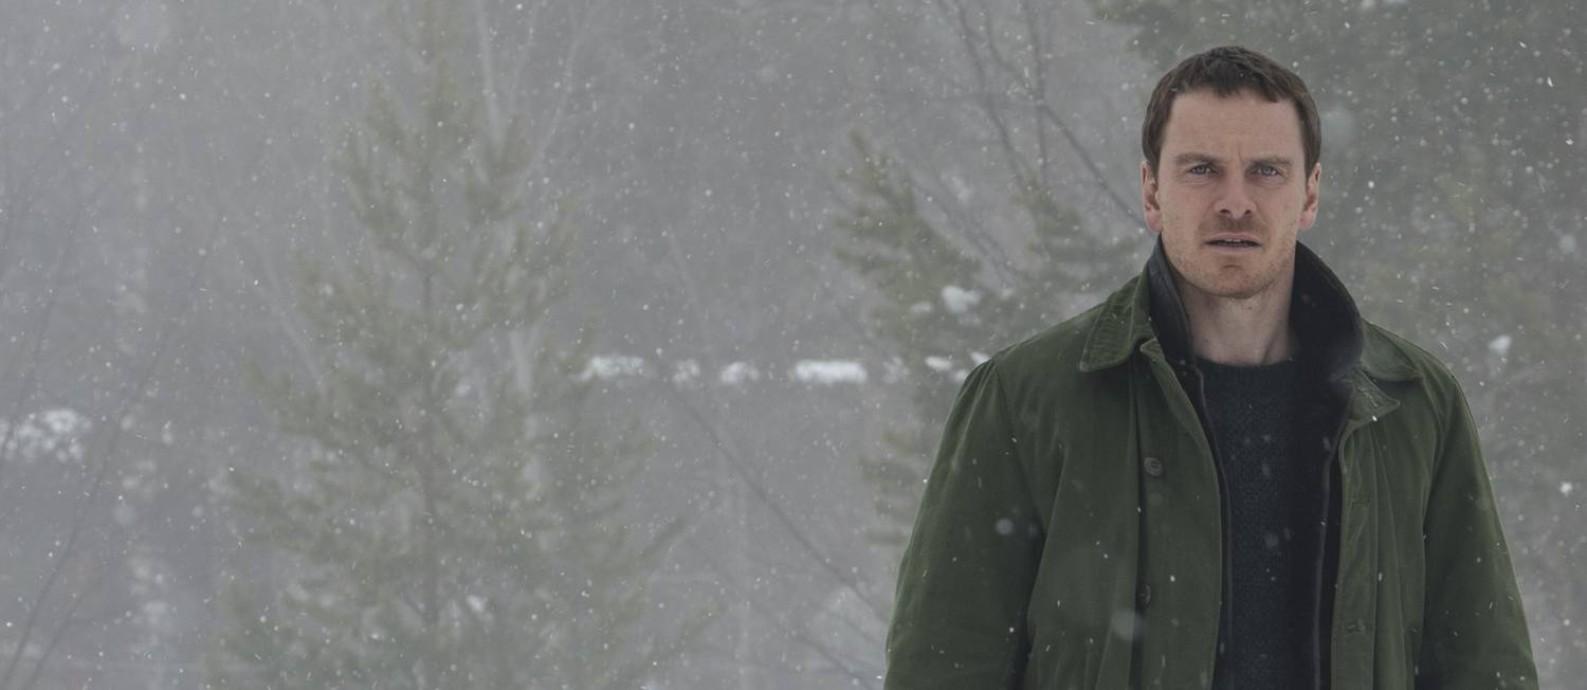 Em 'Boneco de neve', Michael Fassbender interpreta um detetive desajustado Foto: Jack English / Divulgação